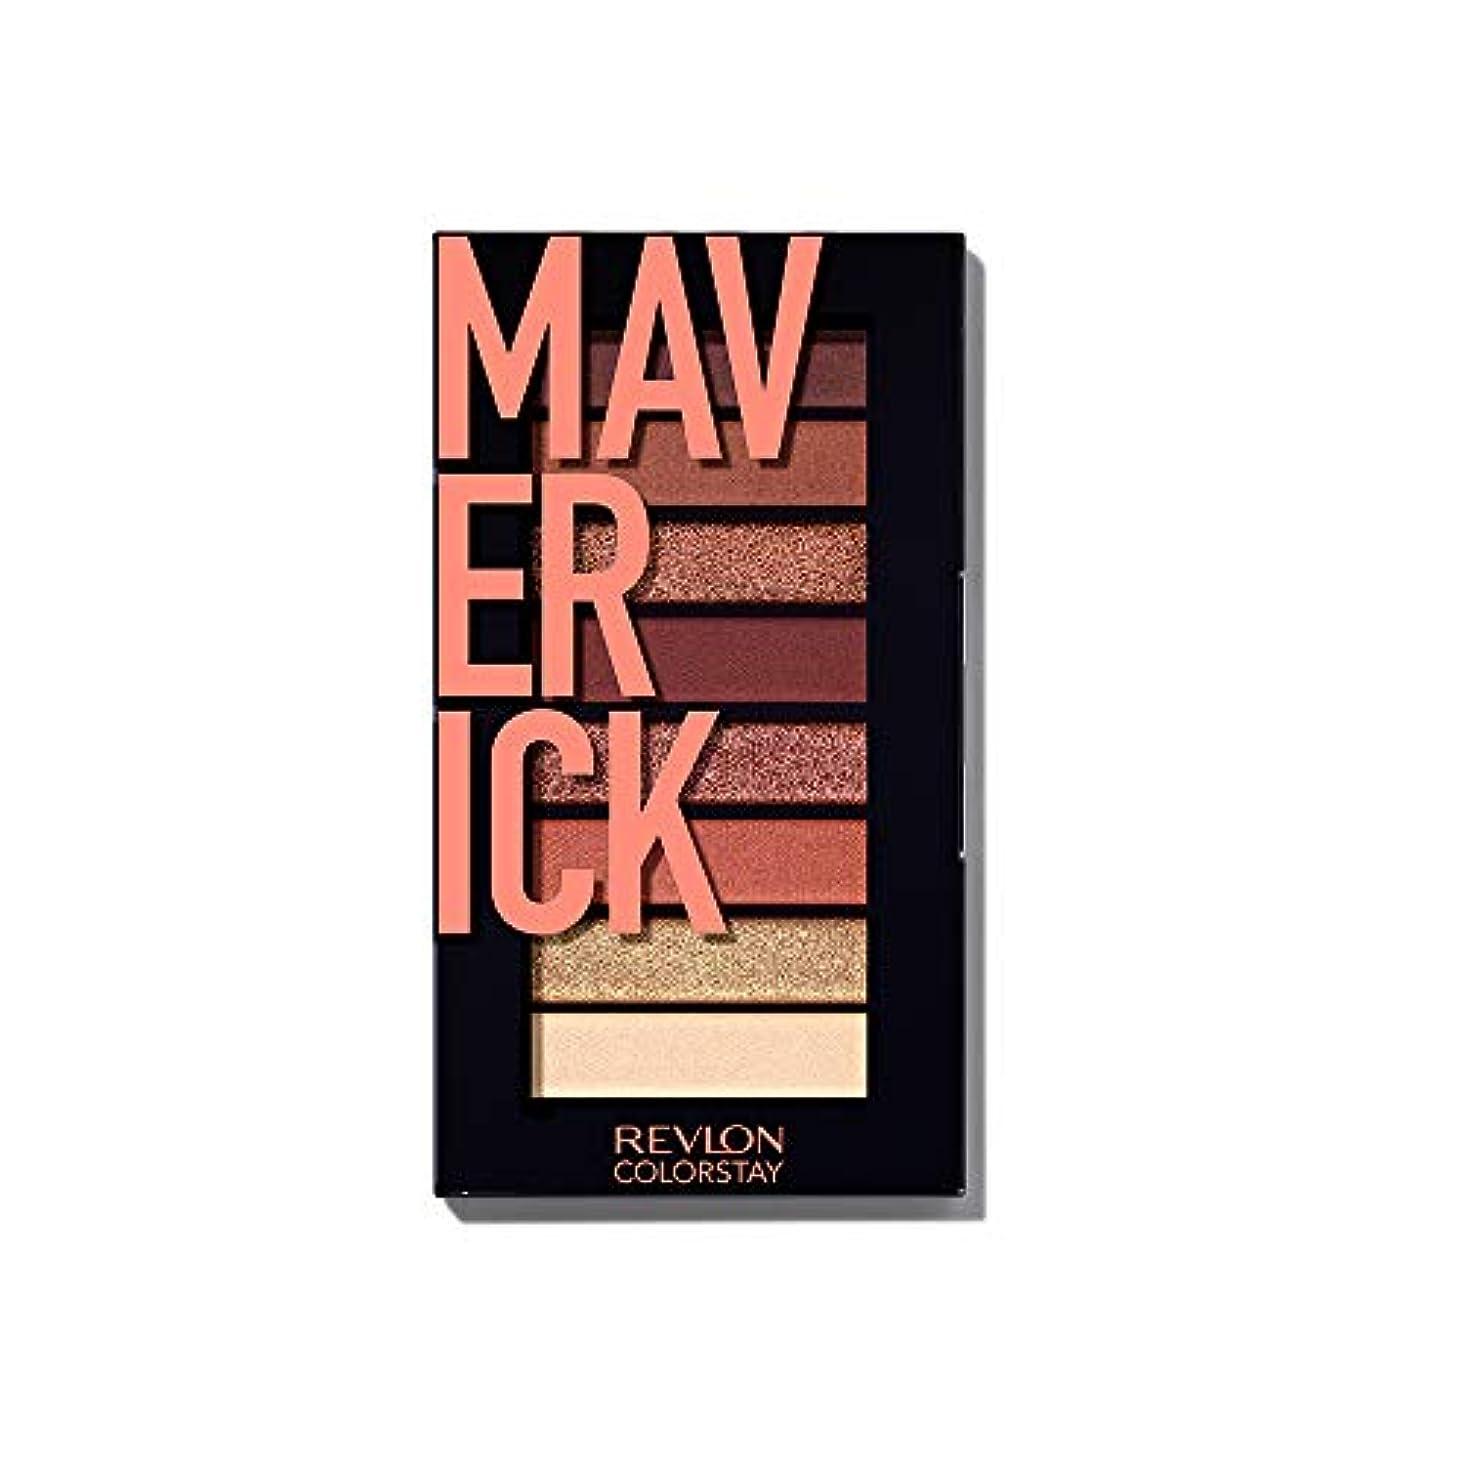 が欲しいプレゼンター引っ張るレブロン カラーステイ ルックス ブック パレット 930 マーベリック(カラーイメージ:オレンジブラウン系) アイシャドウ 930マーベリック 3.4g